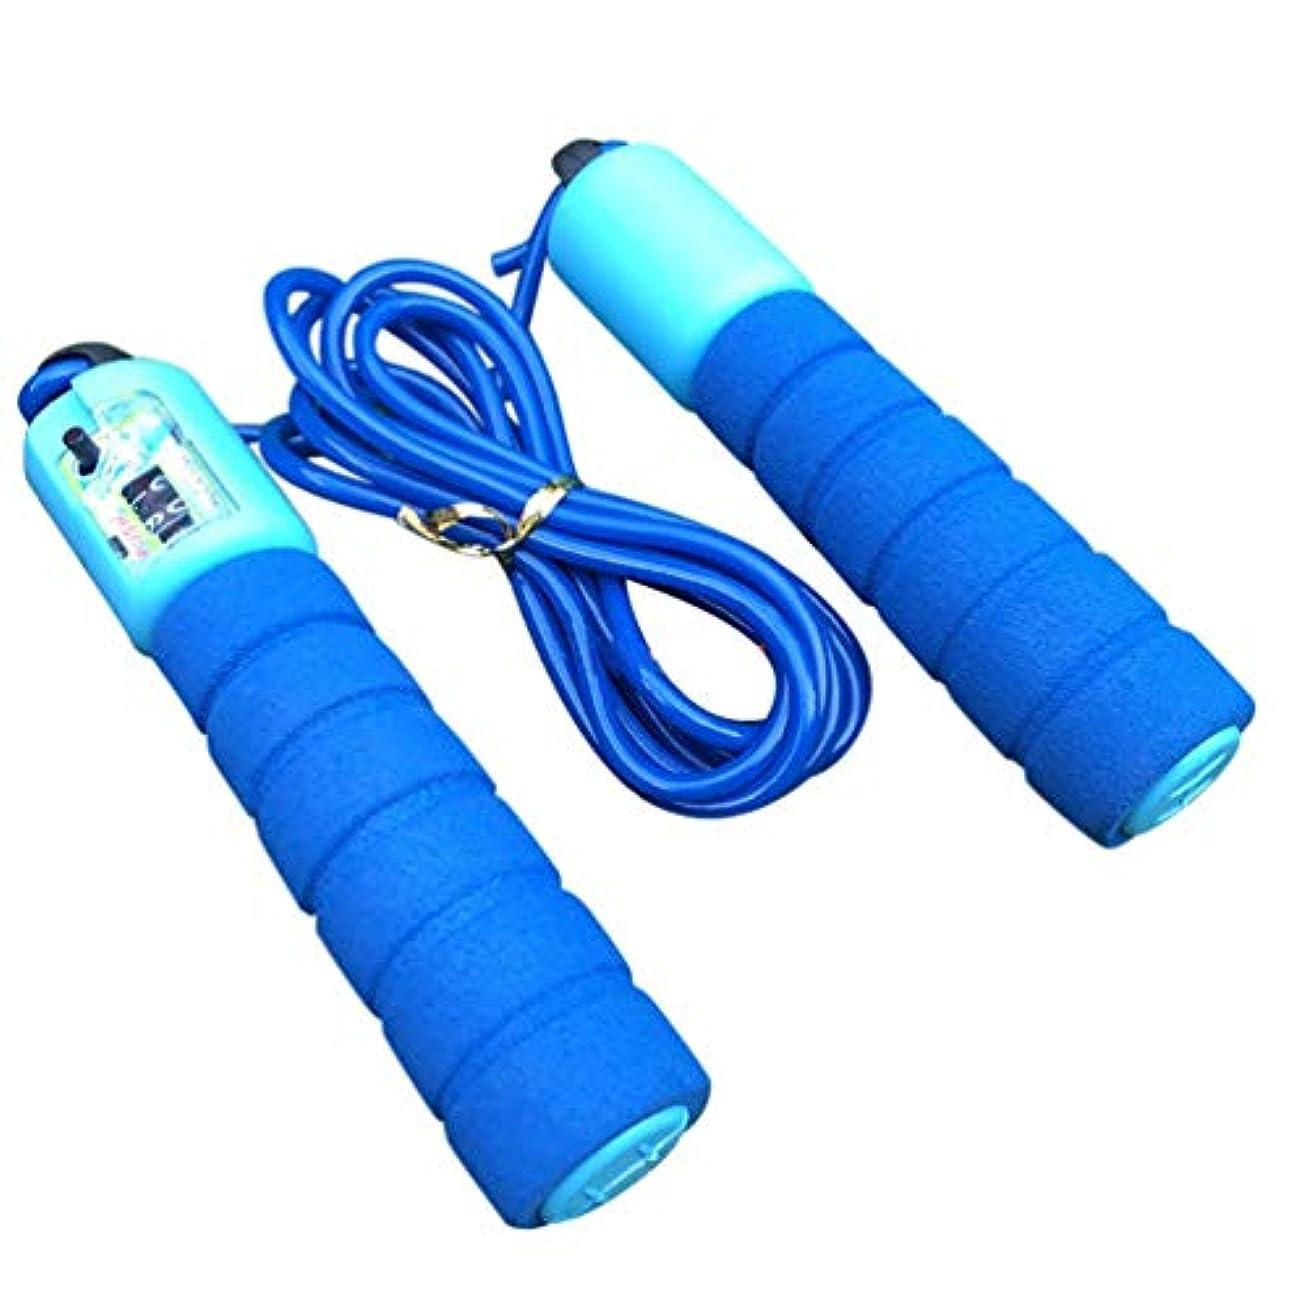 提供参照水銀の調整可能なプロフェッショナルカウント縄跳び自動カウントジャンプロープフィットネス運動高速カウントジャンプロープ - 青